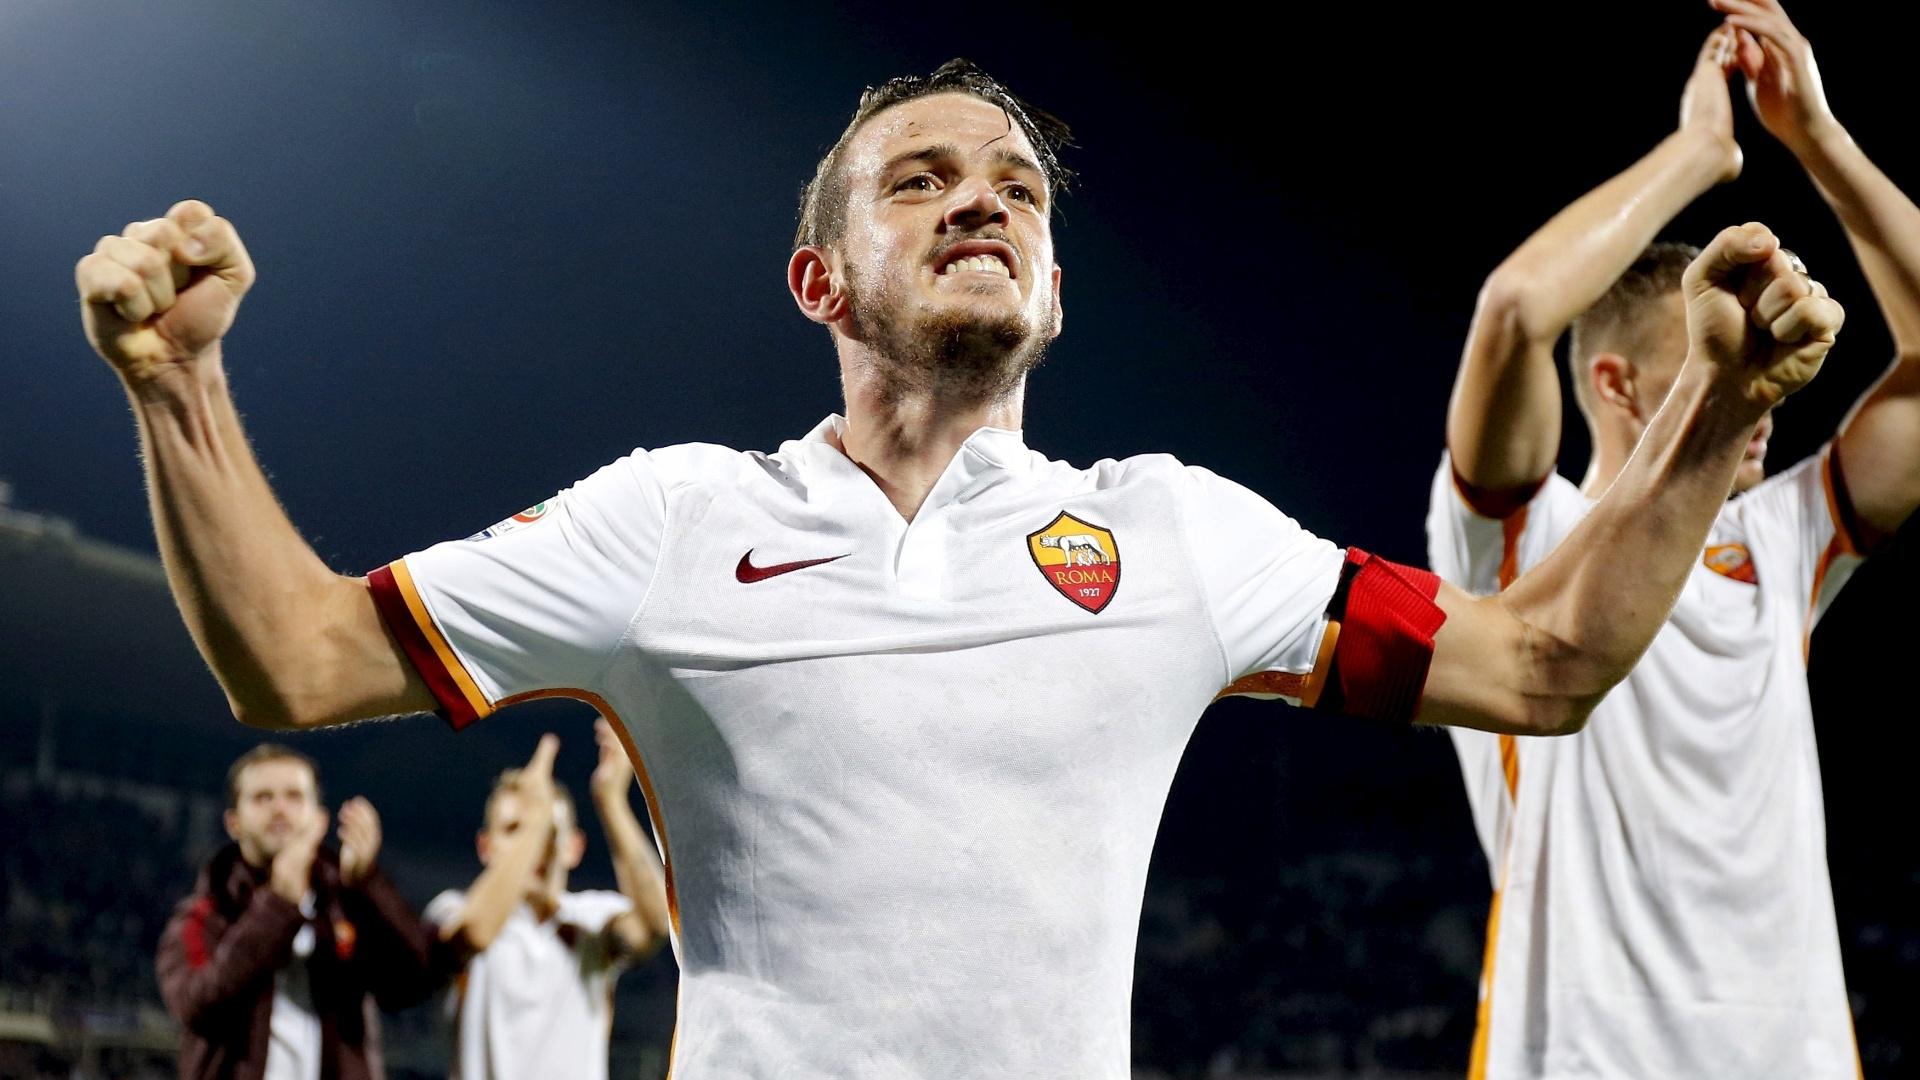 Florenzi, da Roma, comemora vitória da sua equipe sobre a Fiorentina, pelo Campeonato Italiano